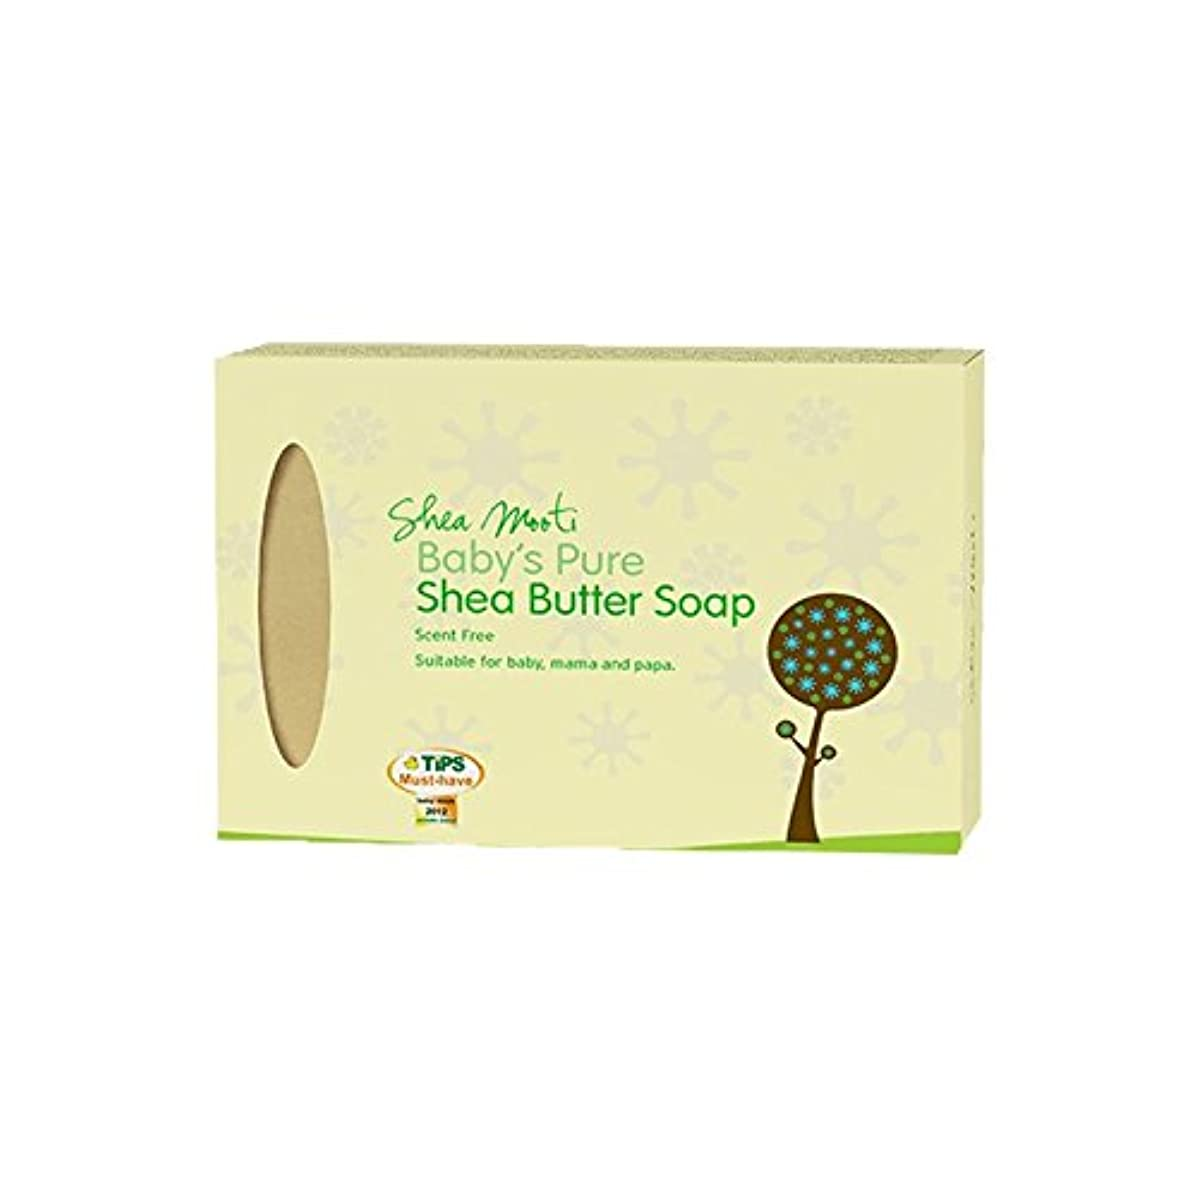 ディスク探検フォーマルShea Mooti Baby's Pure Shea Butter Soap Unscented 250ml (Pack of 6) - シアバターMooti赤ちゃんの純粋なシアバターソープ無香250ミリリットル (x6) [並行輸入品]